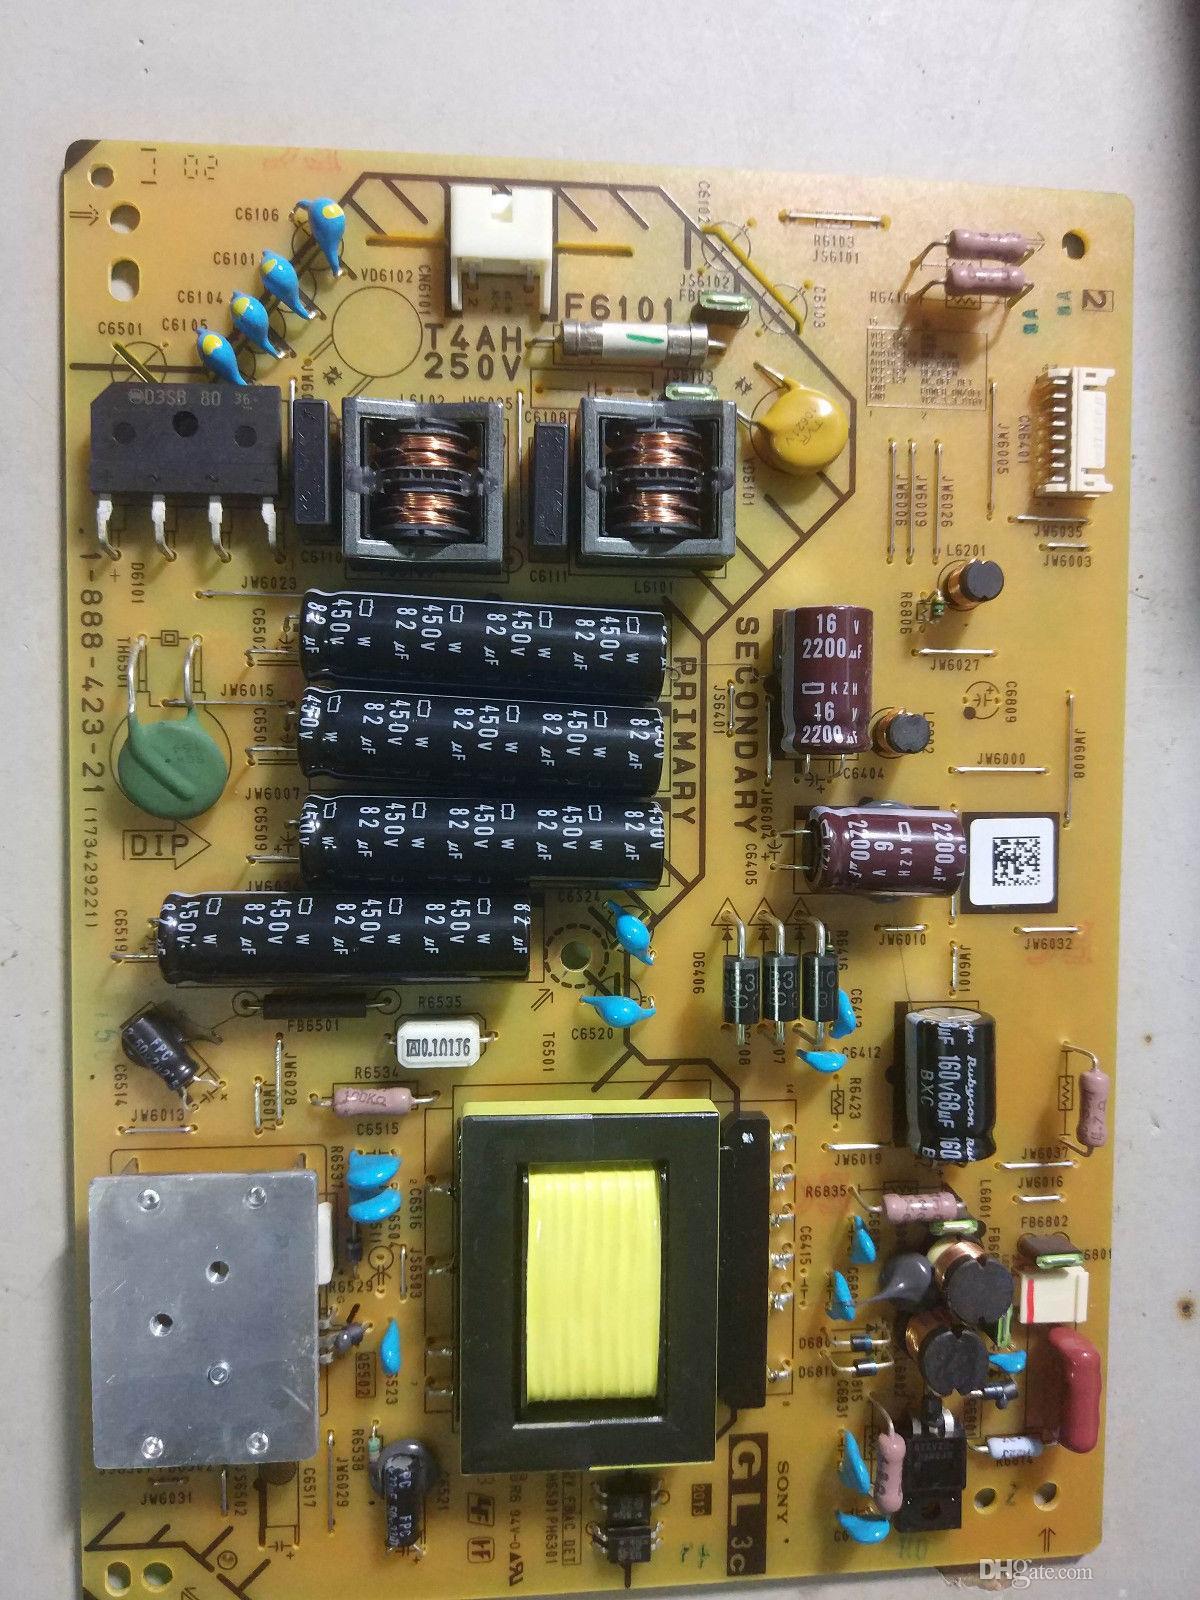 APS-348 / C nouveau original pour carte d'alimentation Sony KLV-32R421A 1-888-423-21 / 12/11